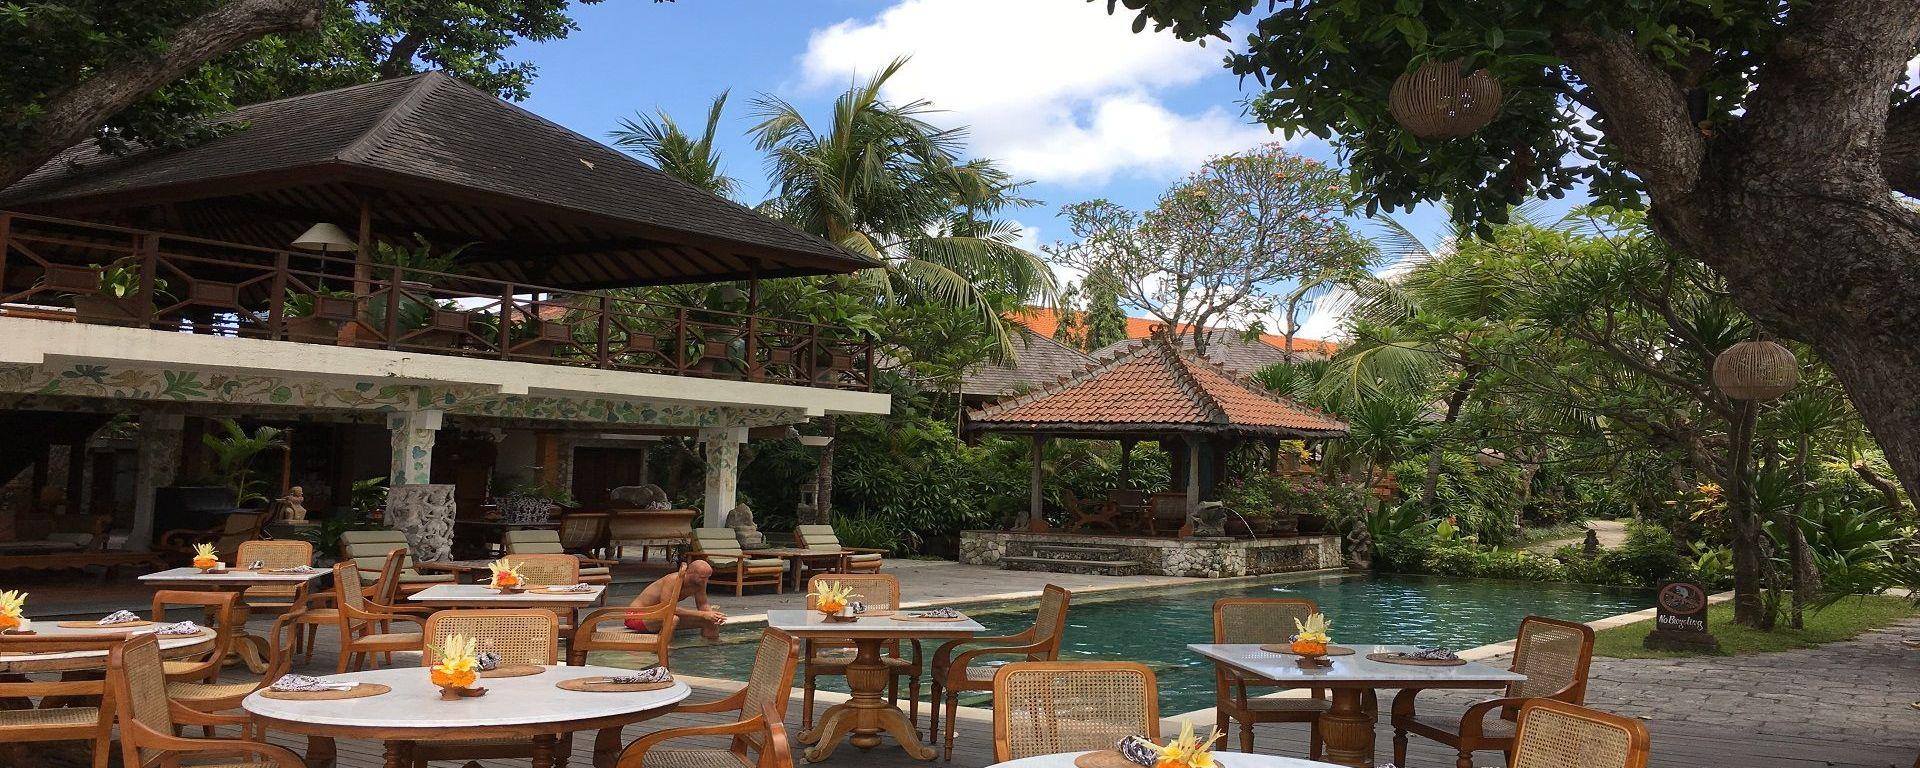 sanur-bali-resorts